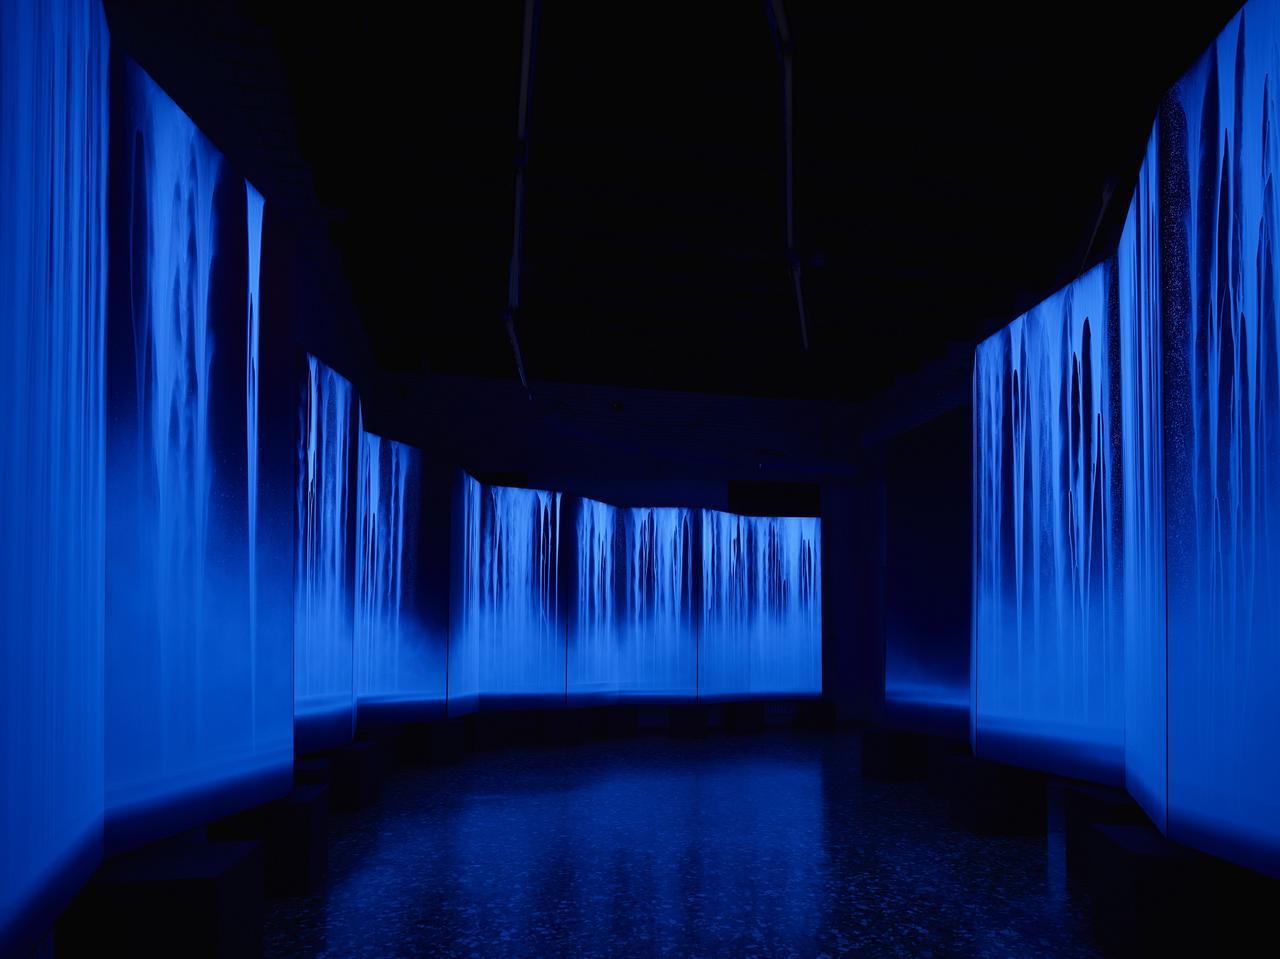 画像: 《龍神I・II》 2015年 240.0×1140.0cm(各六曲一双) 軽井沢千住博美術館蔵 (2015年ヴェネツィア・ビエンナーレの展示風景)